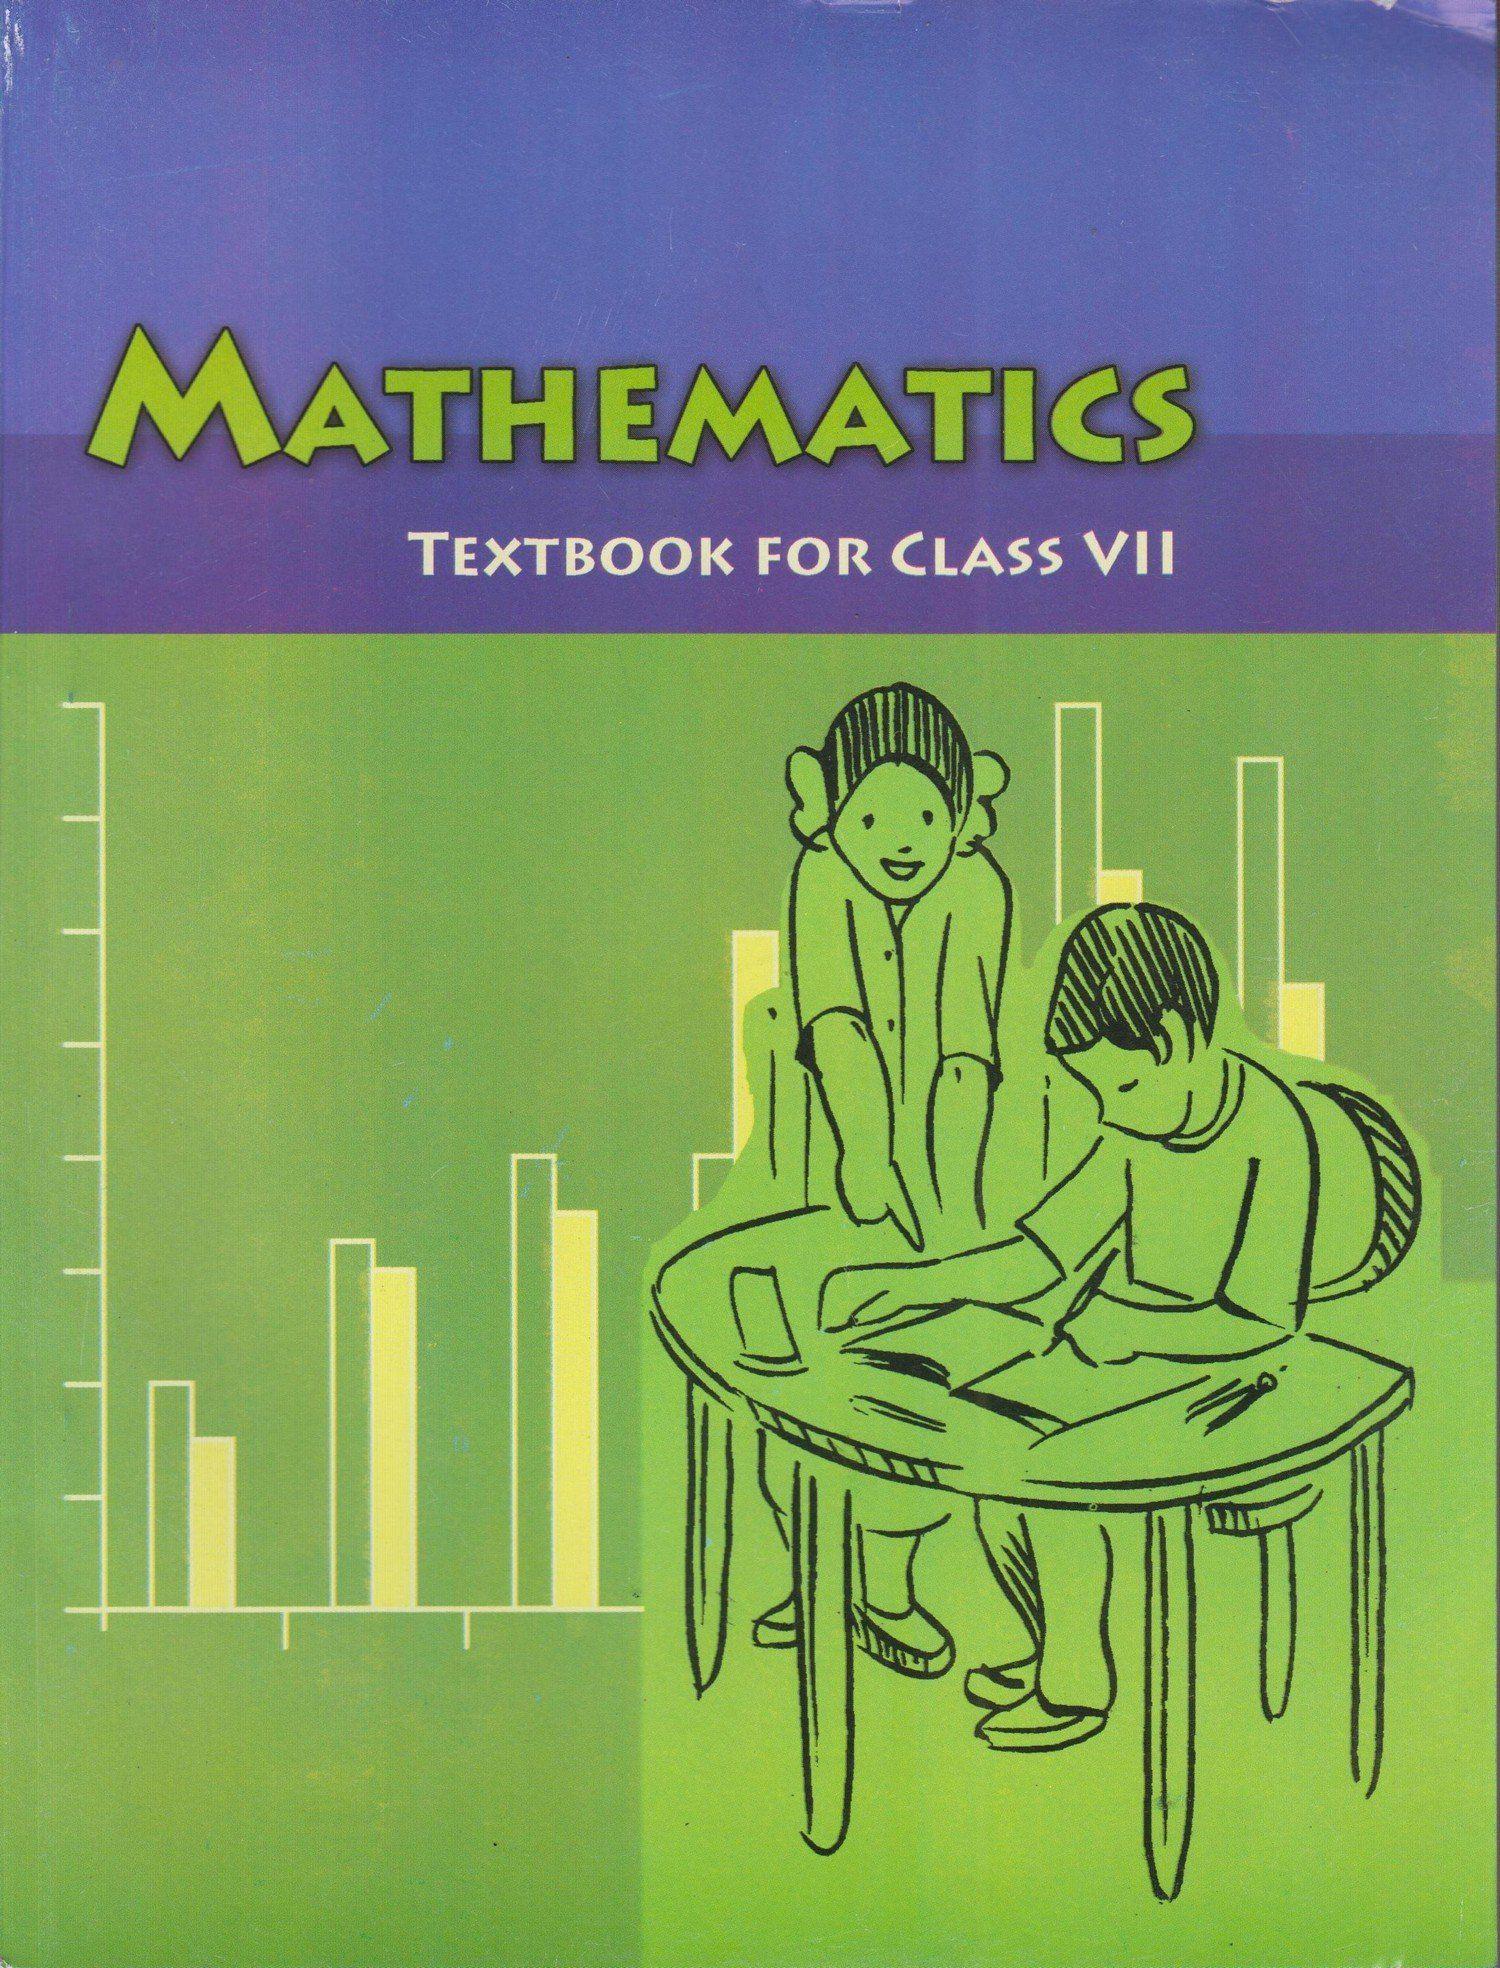 Ncert Solutions For Class 7 Maths In 2021 Math Books Math Textbook Textbook [ 1968 x 1500 Pixel ]